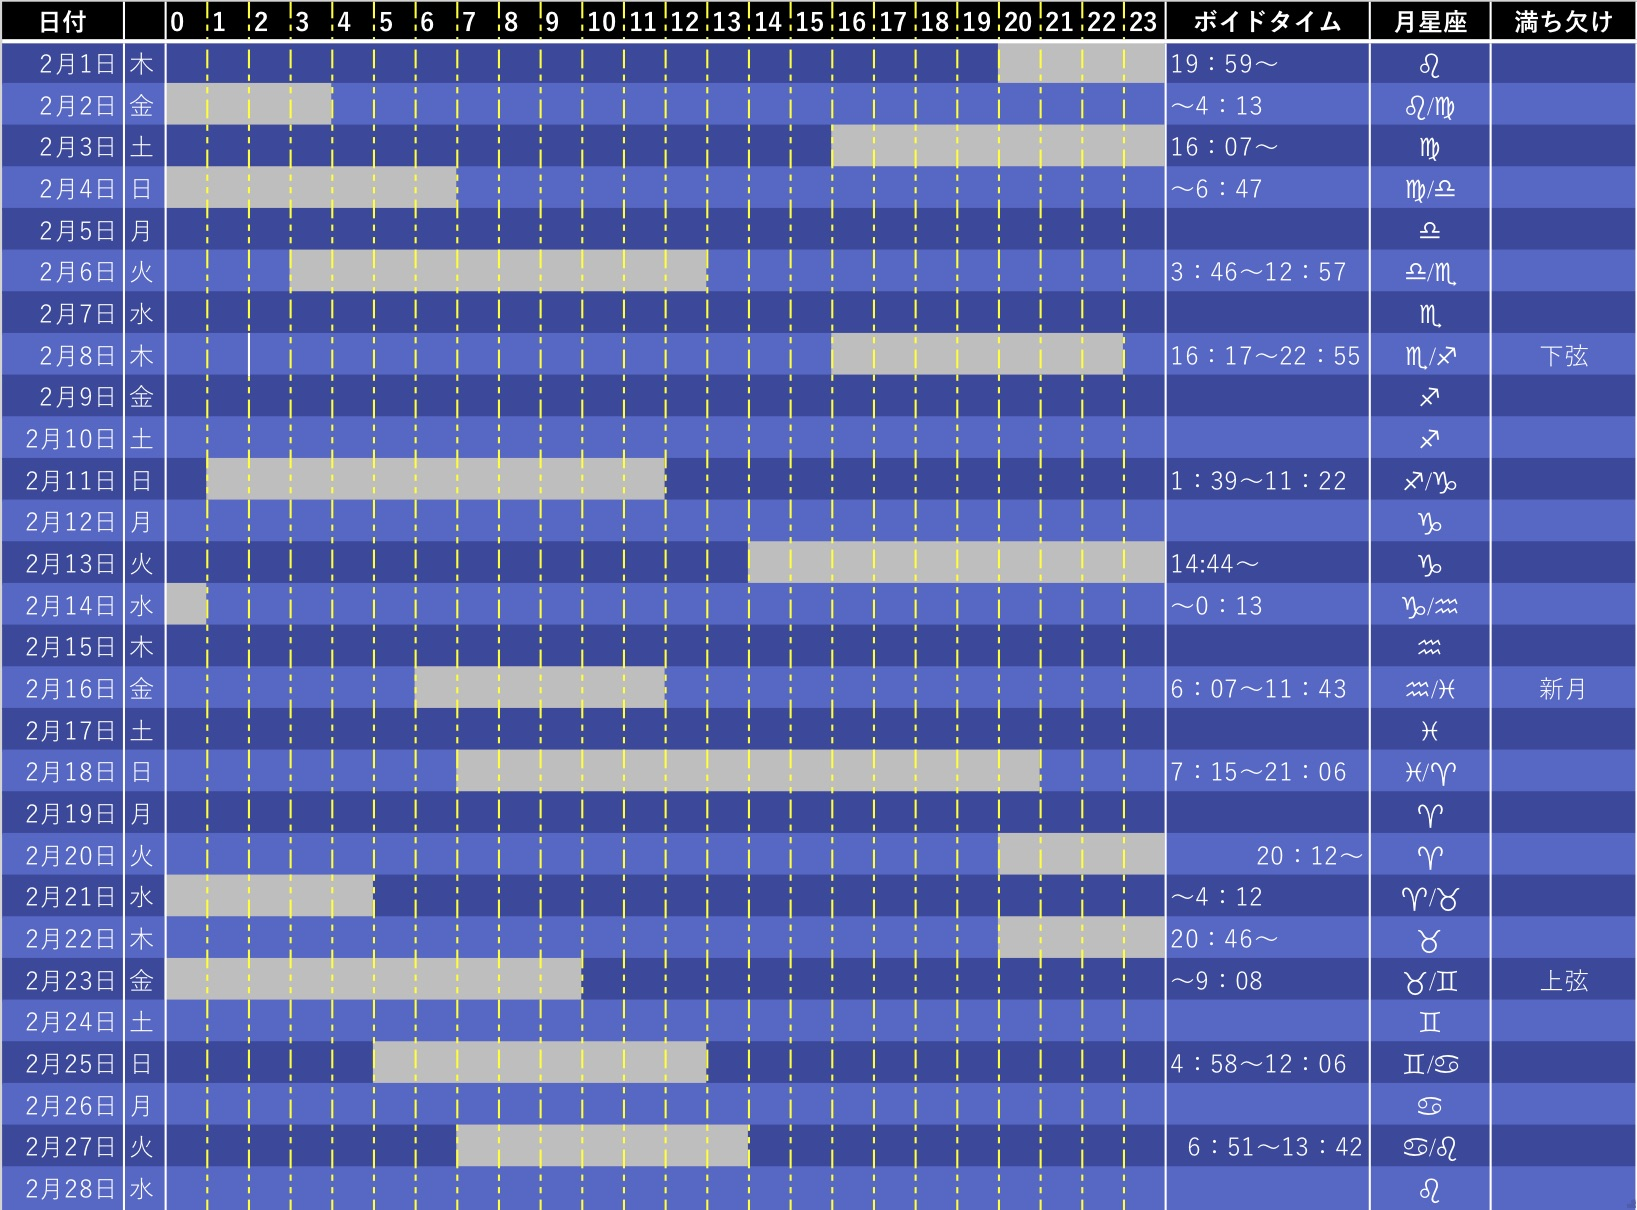 お月さまのカレンダーをチェック